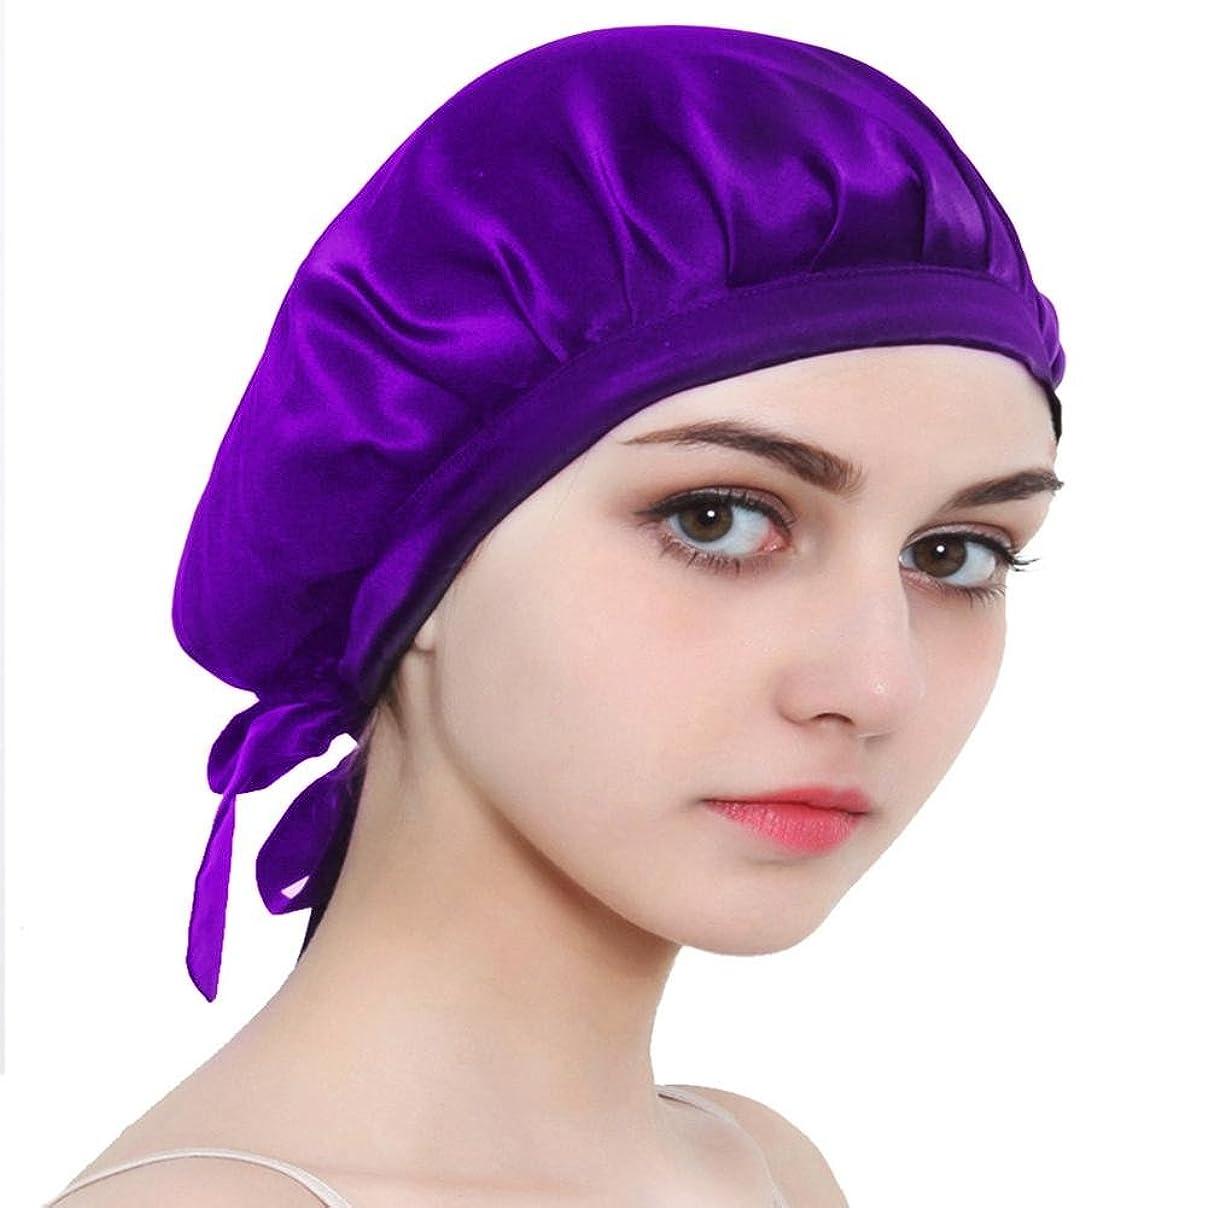 のホストエールそれによってシルクナイトキャップ シルク100% ロングヘア用 就寝用 紐付き サイズ調節可能 切れ毛予防 就寝用帽子 室内帽子 5色可選